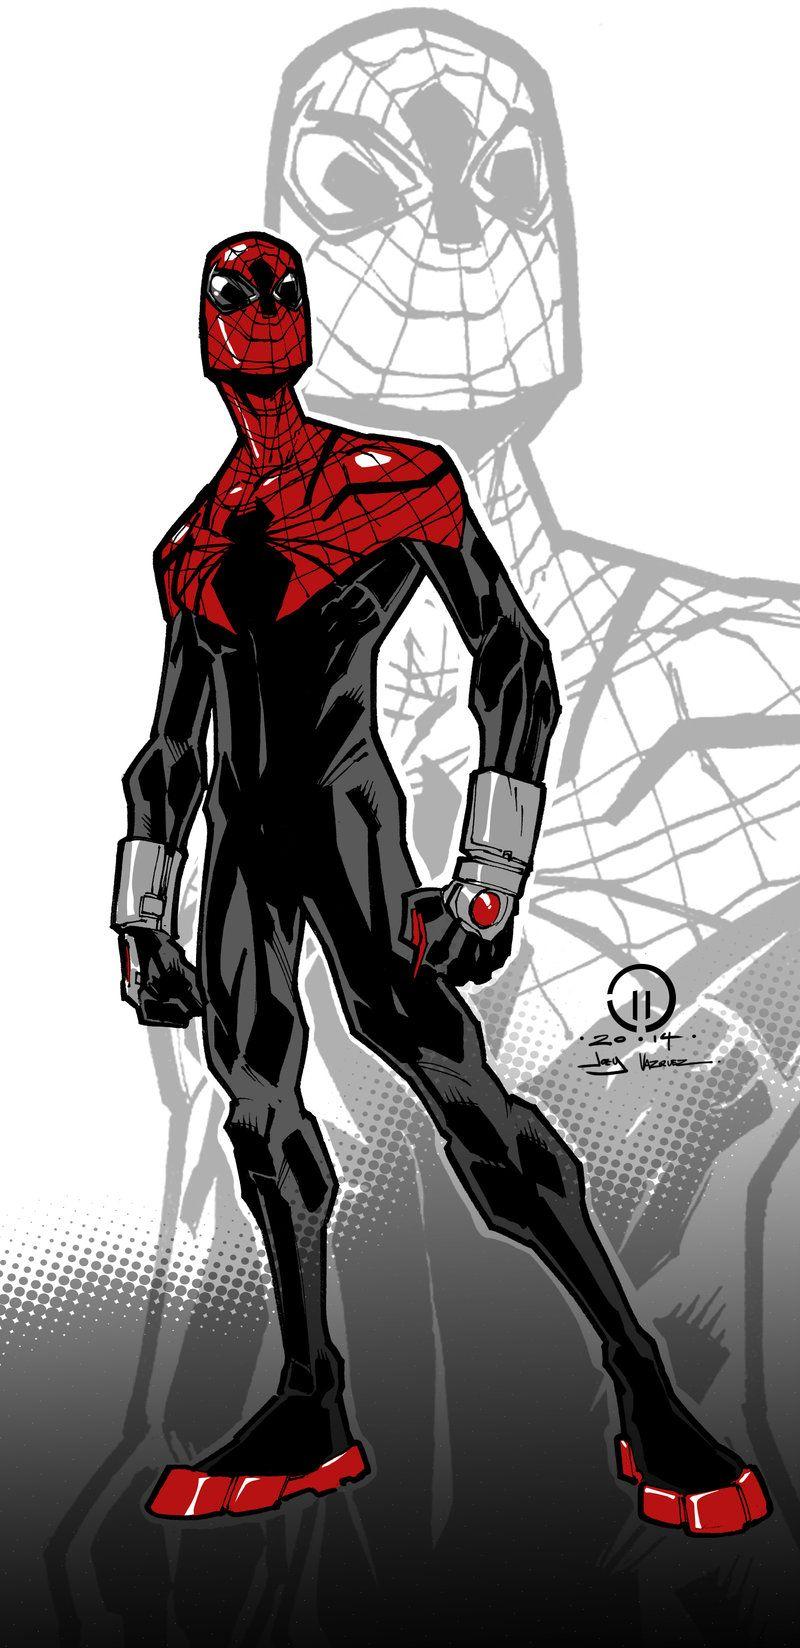 Superior Spider Man Color By Joeyvazquez On Deviantart Spiderman Comics Artwork Spider